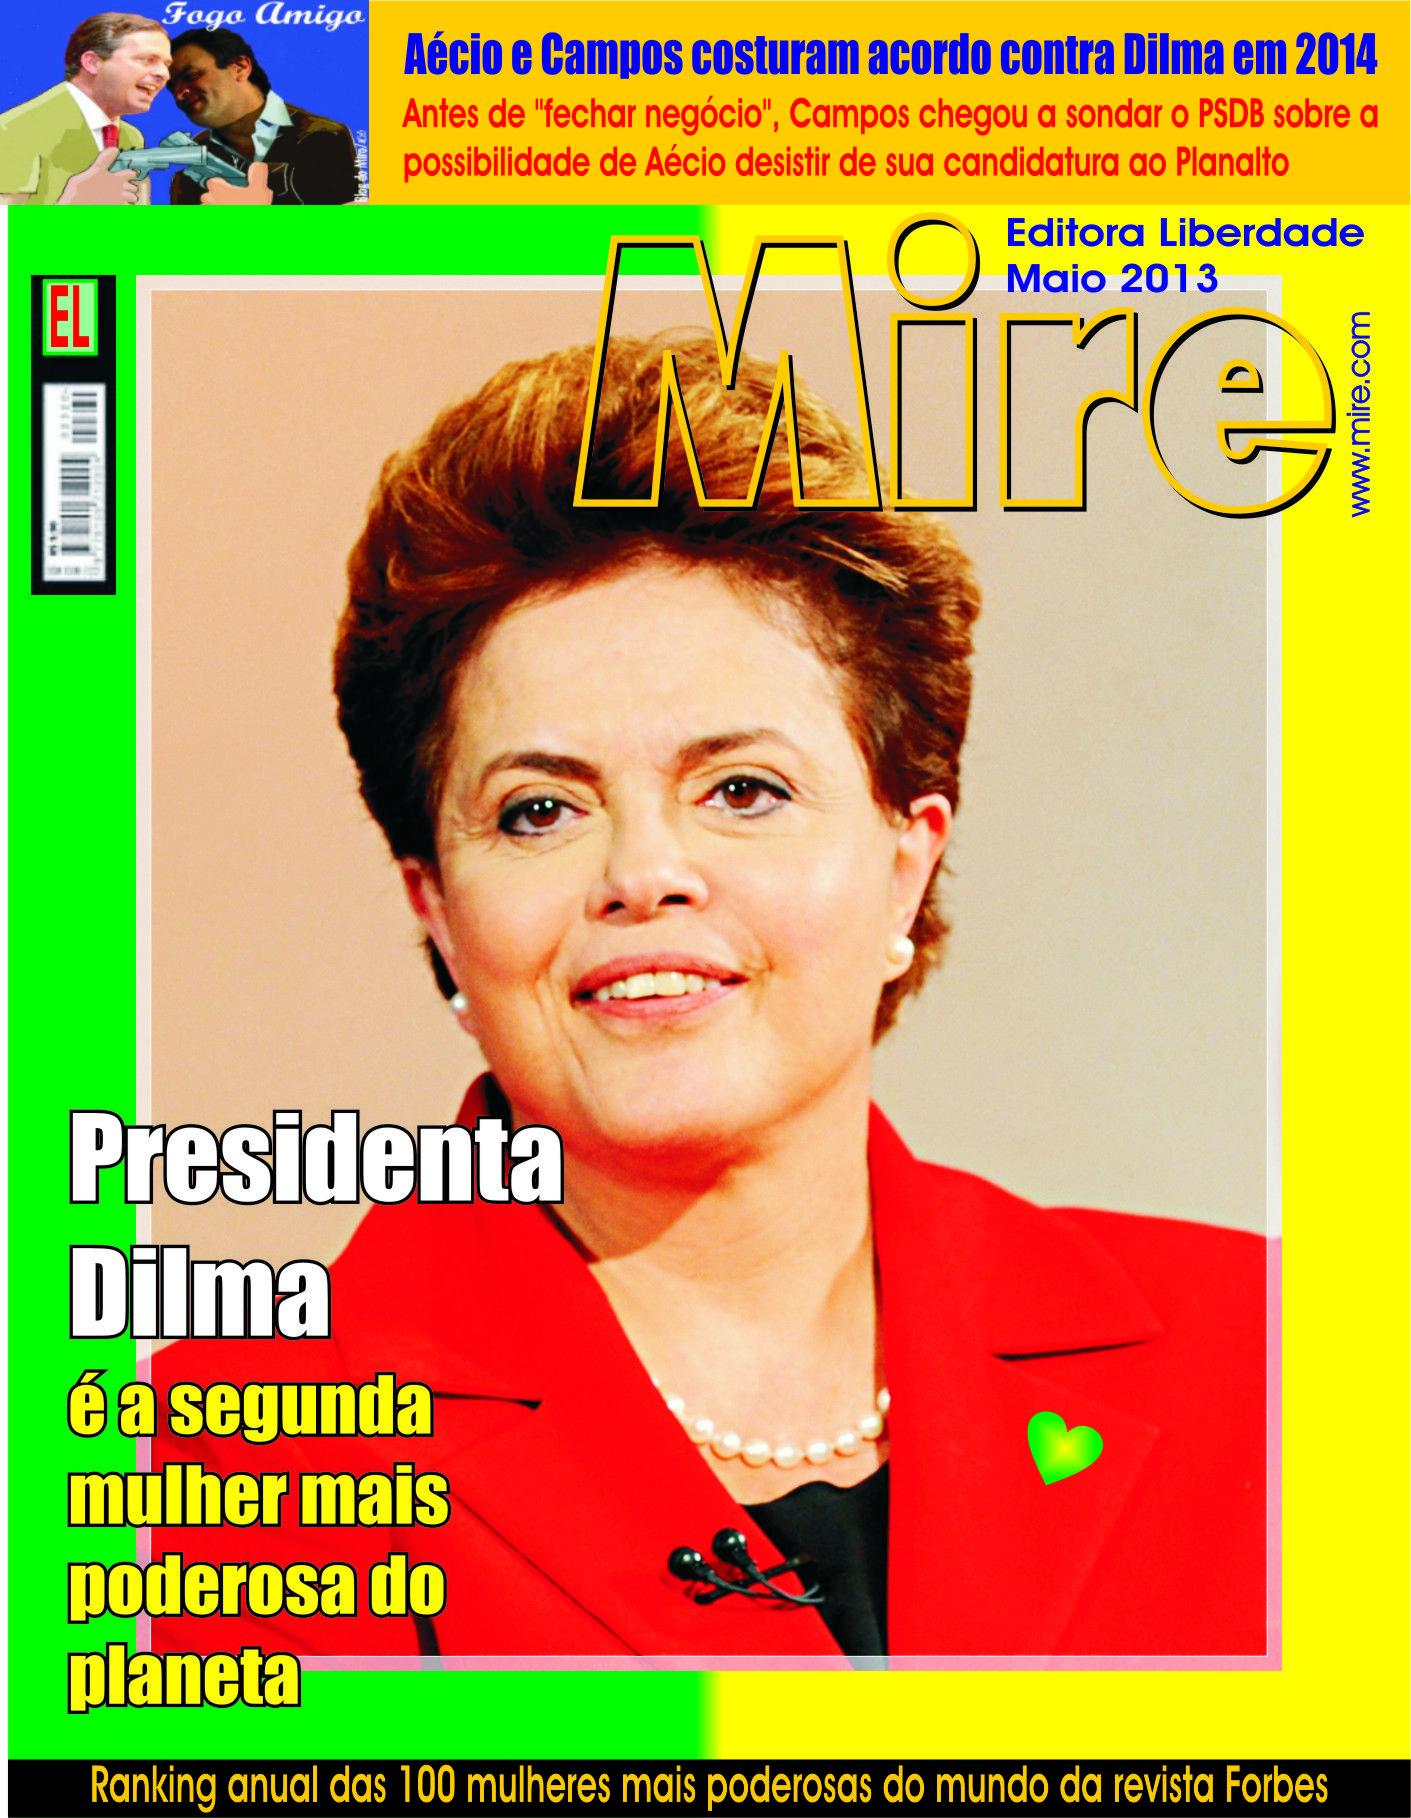 Número 2 no mundo, número 1 no Brasil !